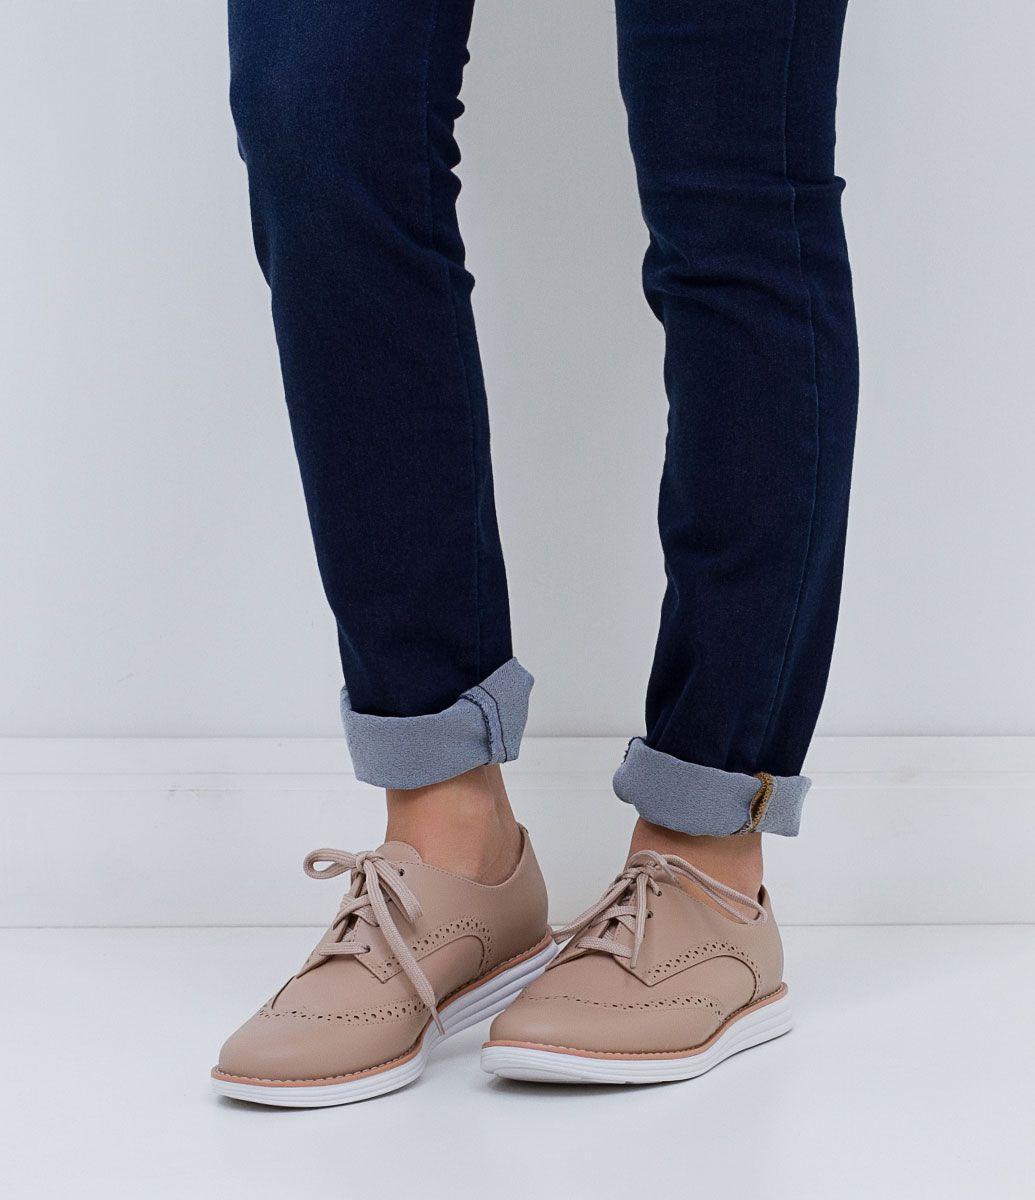 17c2cfb6b Sapato feminino Material: sintético Oxford Marca: Vizzano COLEÇÃO INVERNO  2016 Veja outras opções de sapatos femininos.